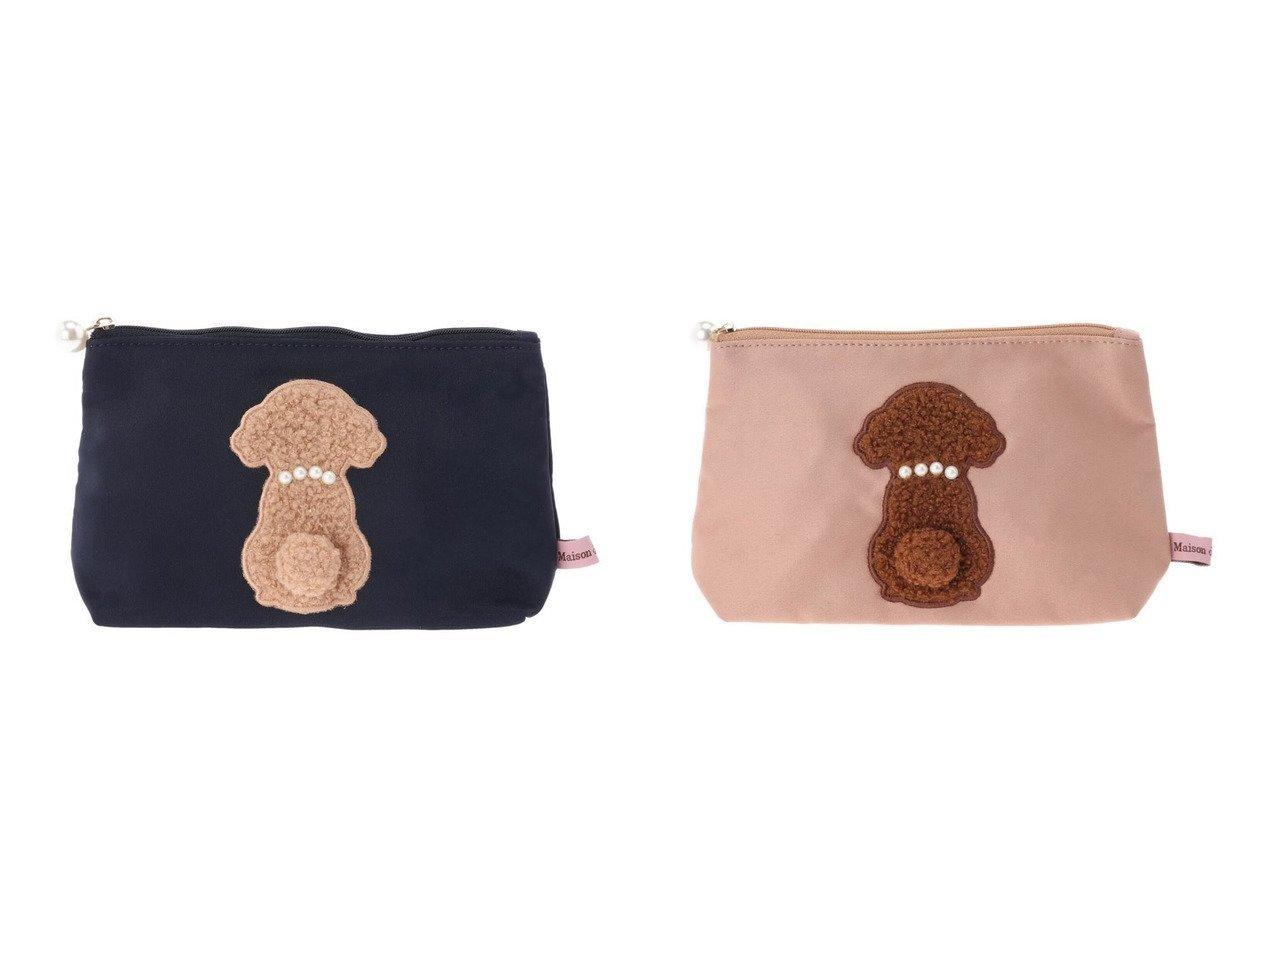 【Maison de FLEUR/メゾンドフルール】のプードルパールポーチ バッグ・鞄のおすすめ!人気、トレンド・レディースファッションの通販 おすすめで人気の流行・トレンド、ファッションの通販商品 メンズファッション・キッズファッション・インテリア・家具・レディースファッション・服の通販 founy(ファニー) https://founy.com/ ファッション Fashion レディースファッション WOMEN バッグ Bag ポーチ Pouches サテン ポーチ |ID:crp329100000022625